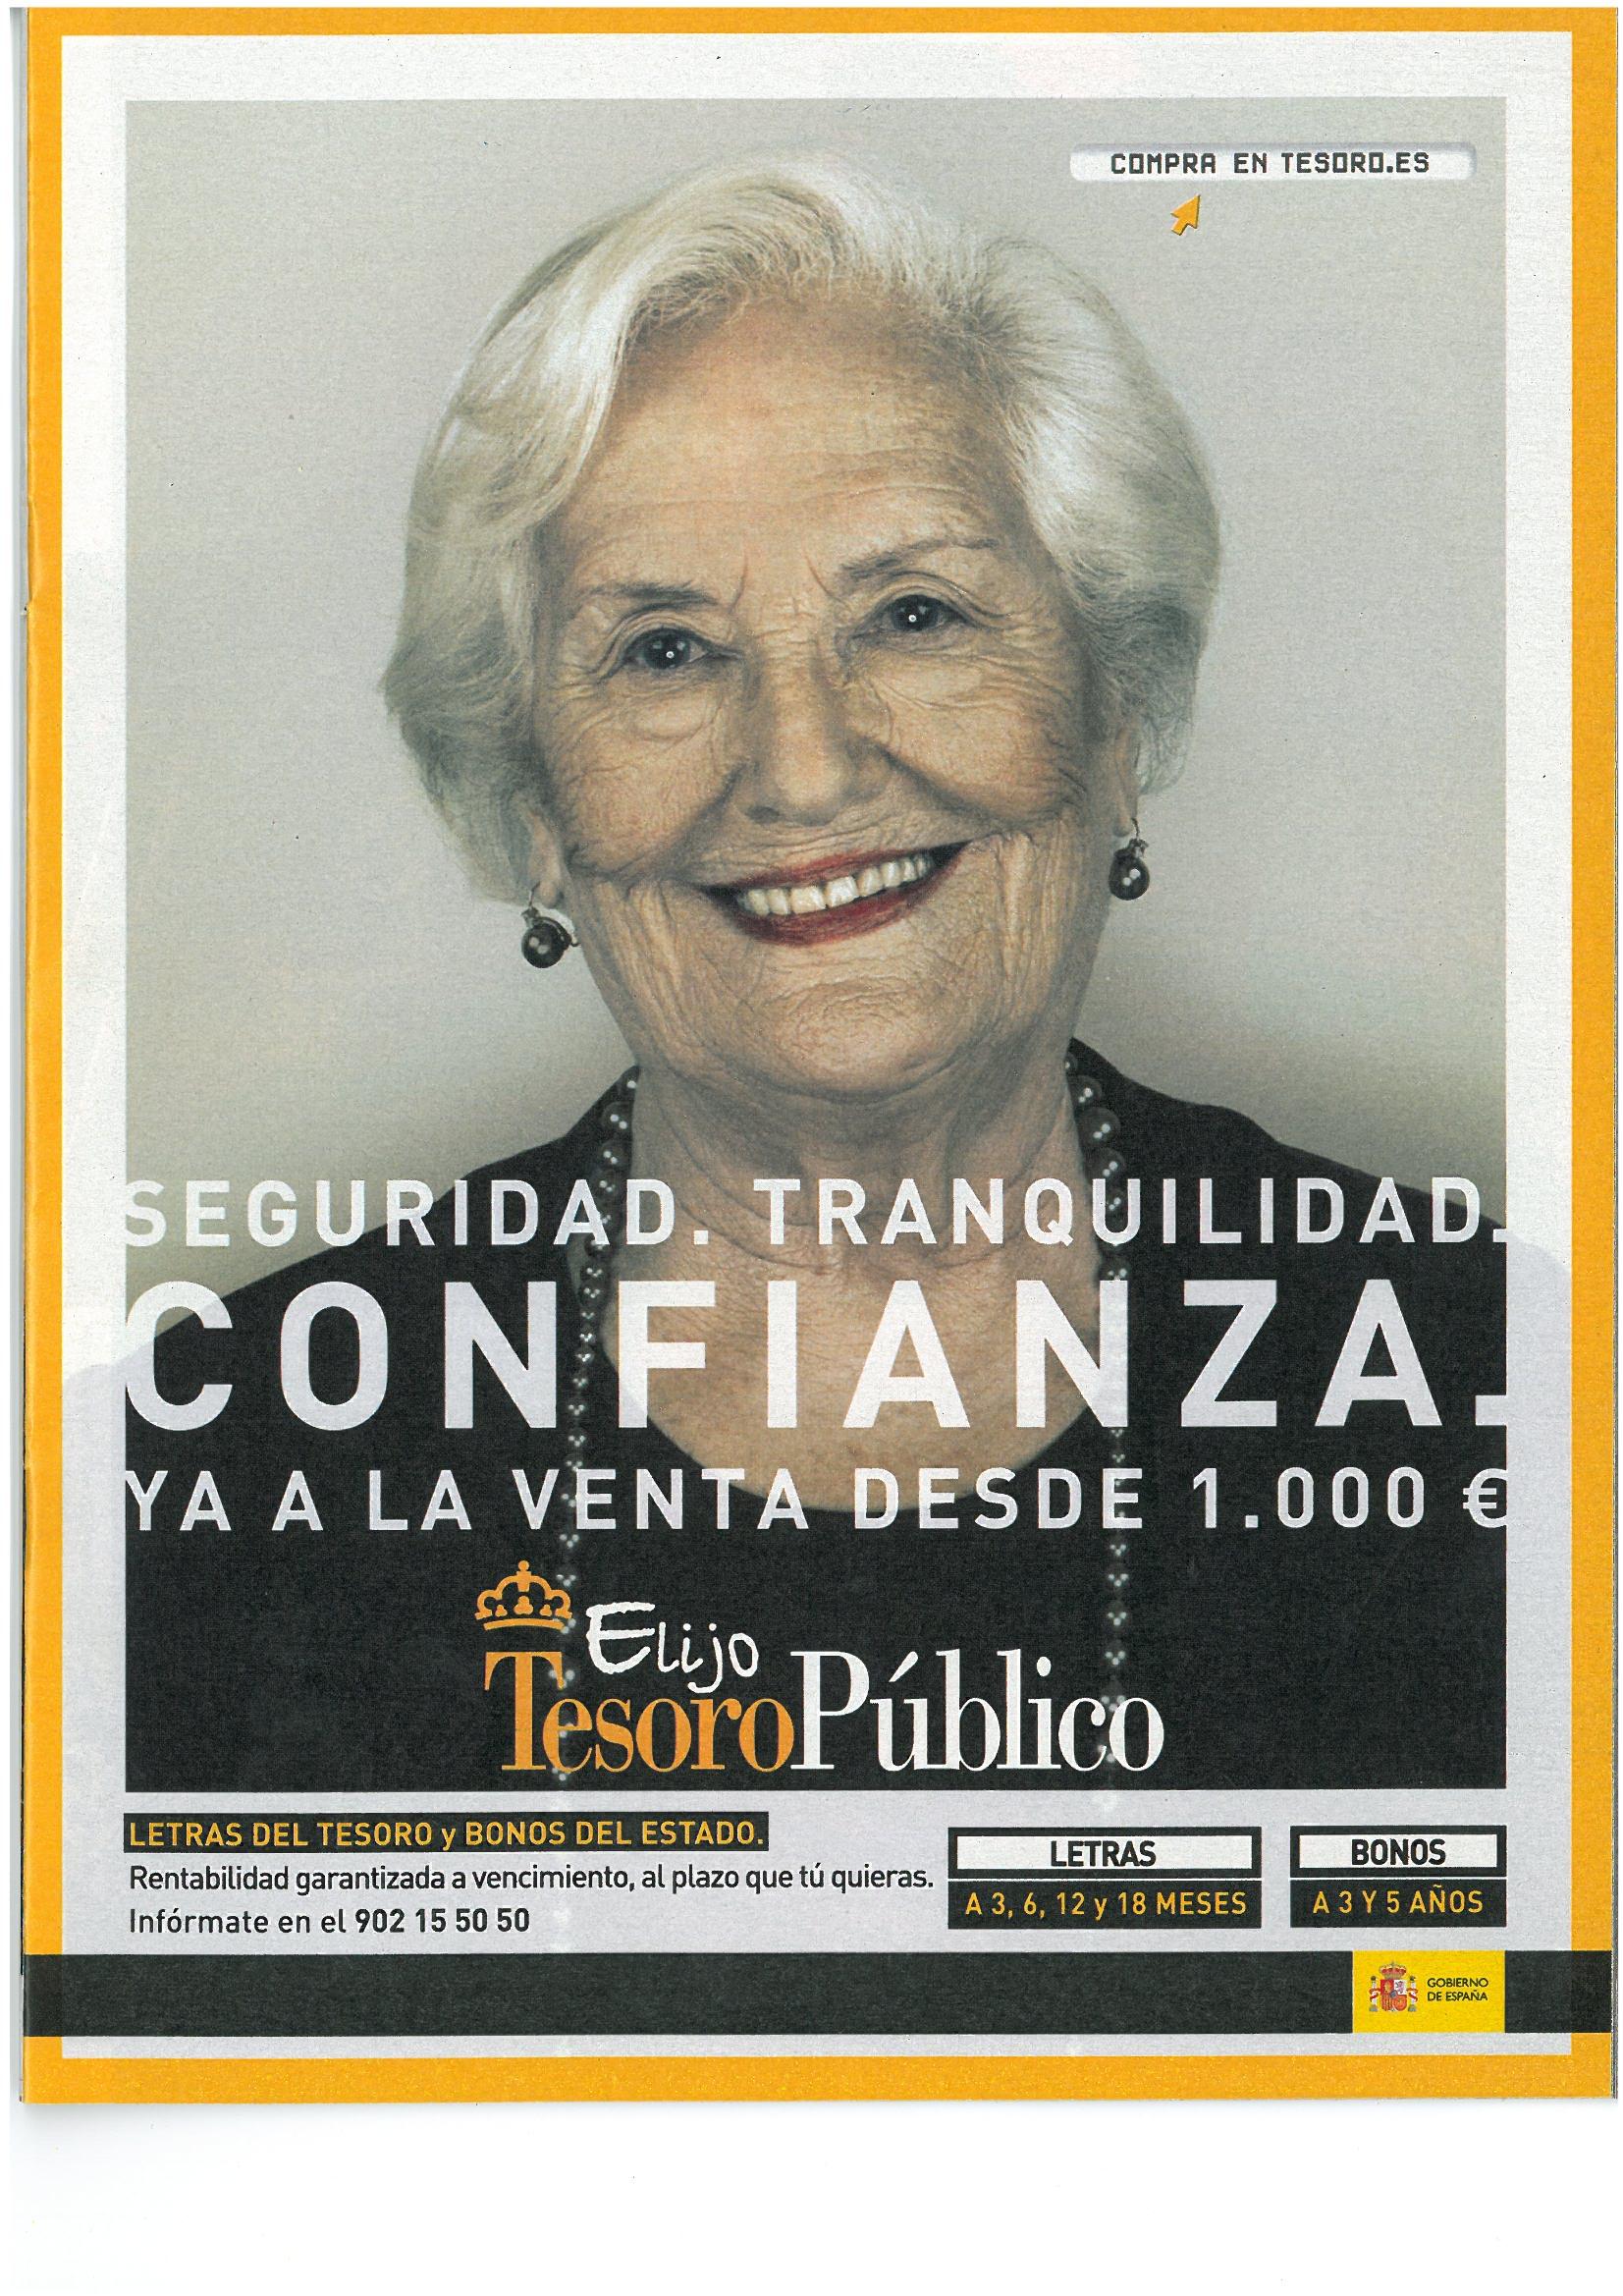 Campaña Tesoro Público - XL SEMANAL Nº 1250